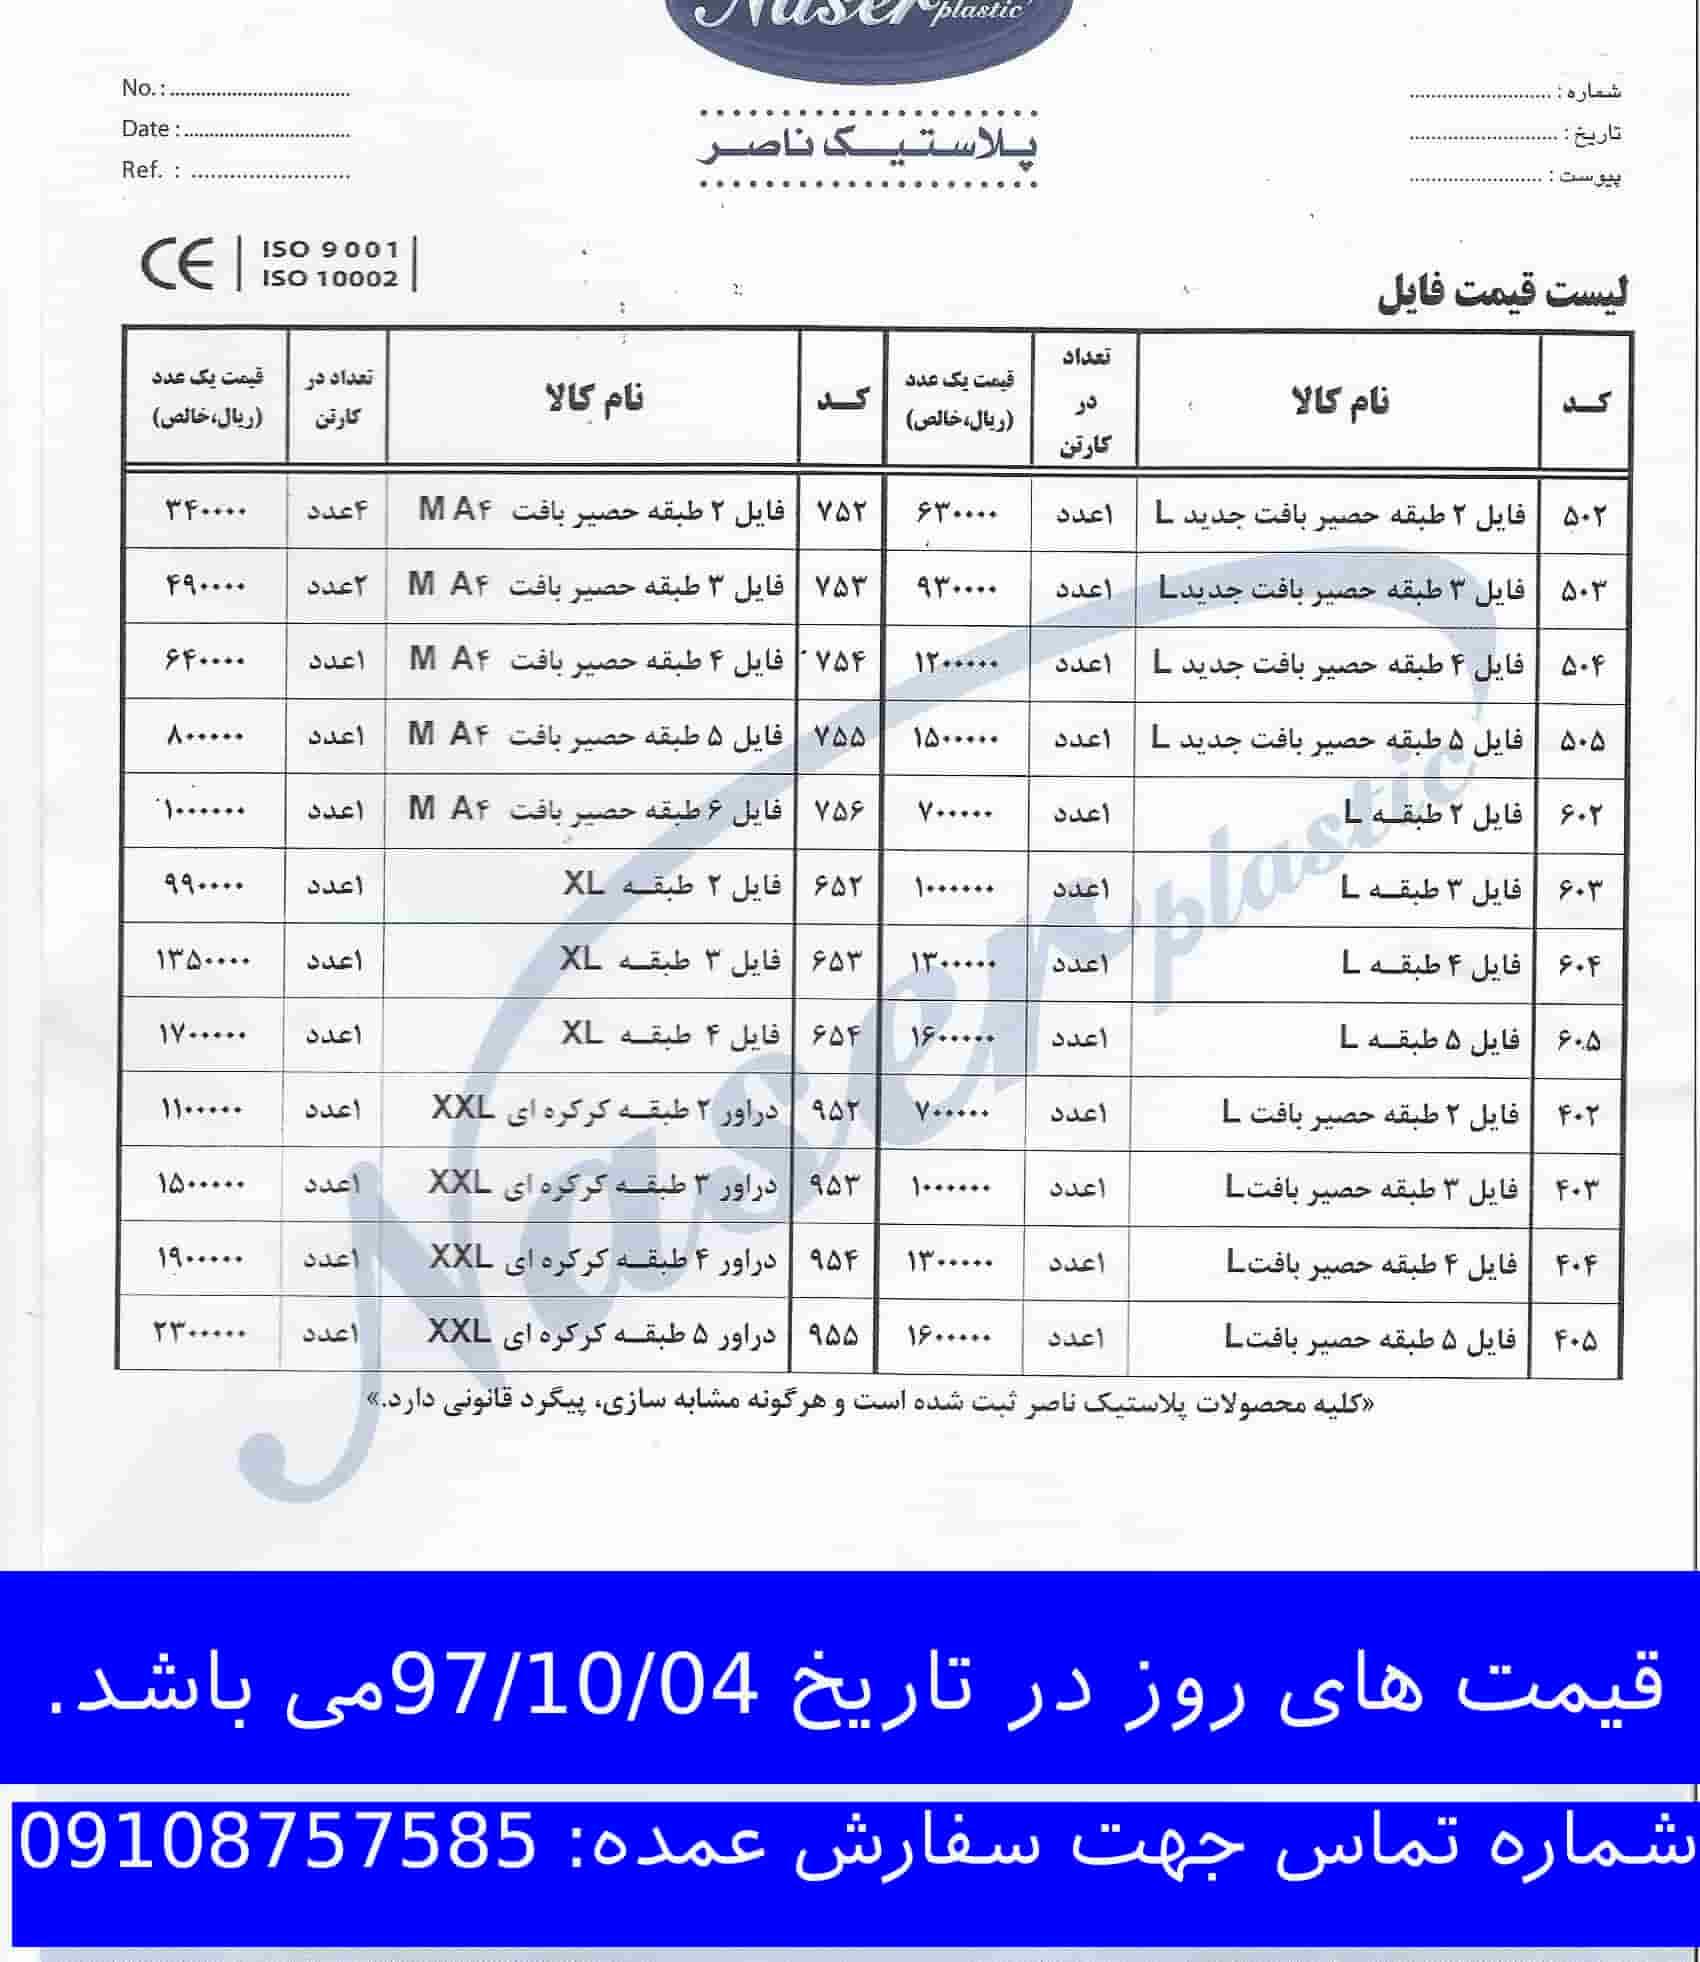 قیمت محصولات پلاستیکی ناصر